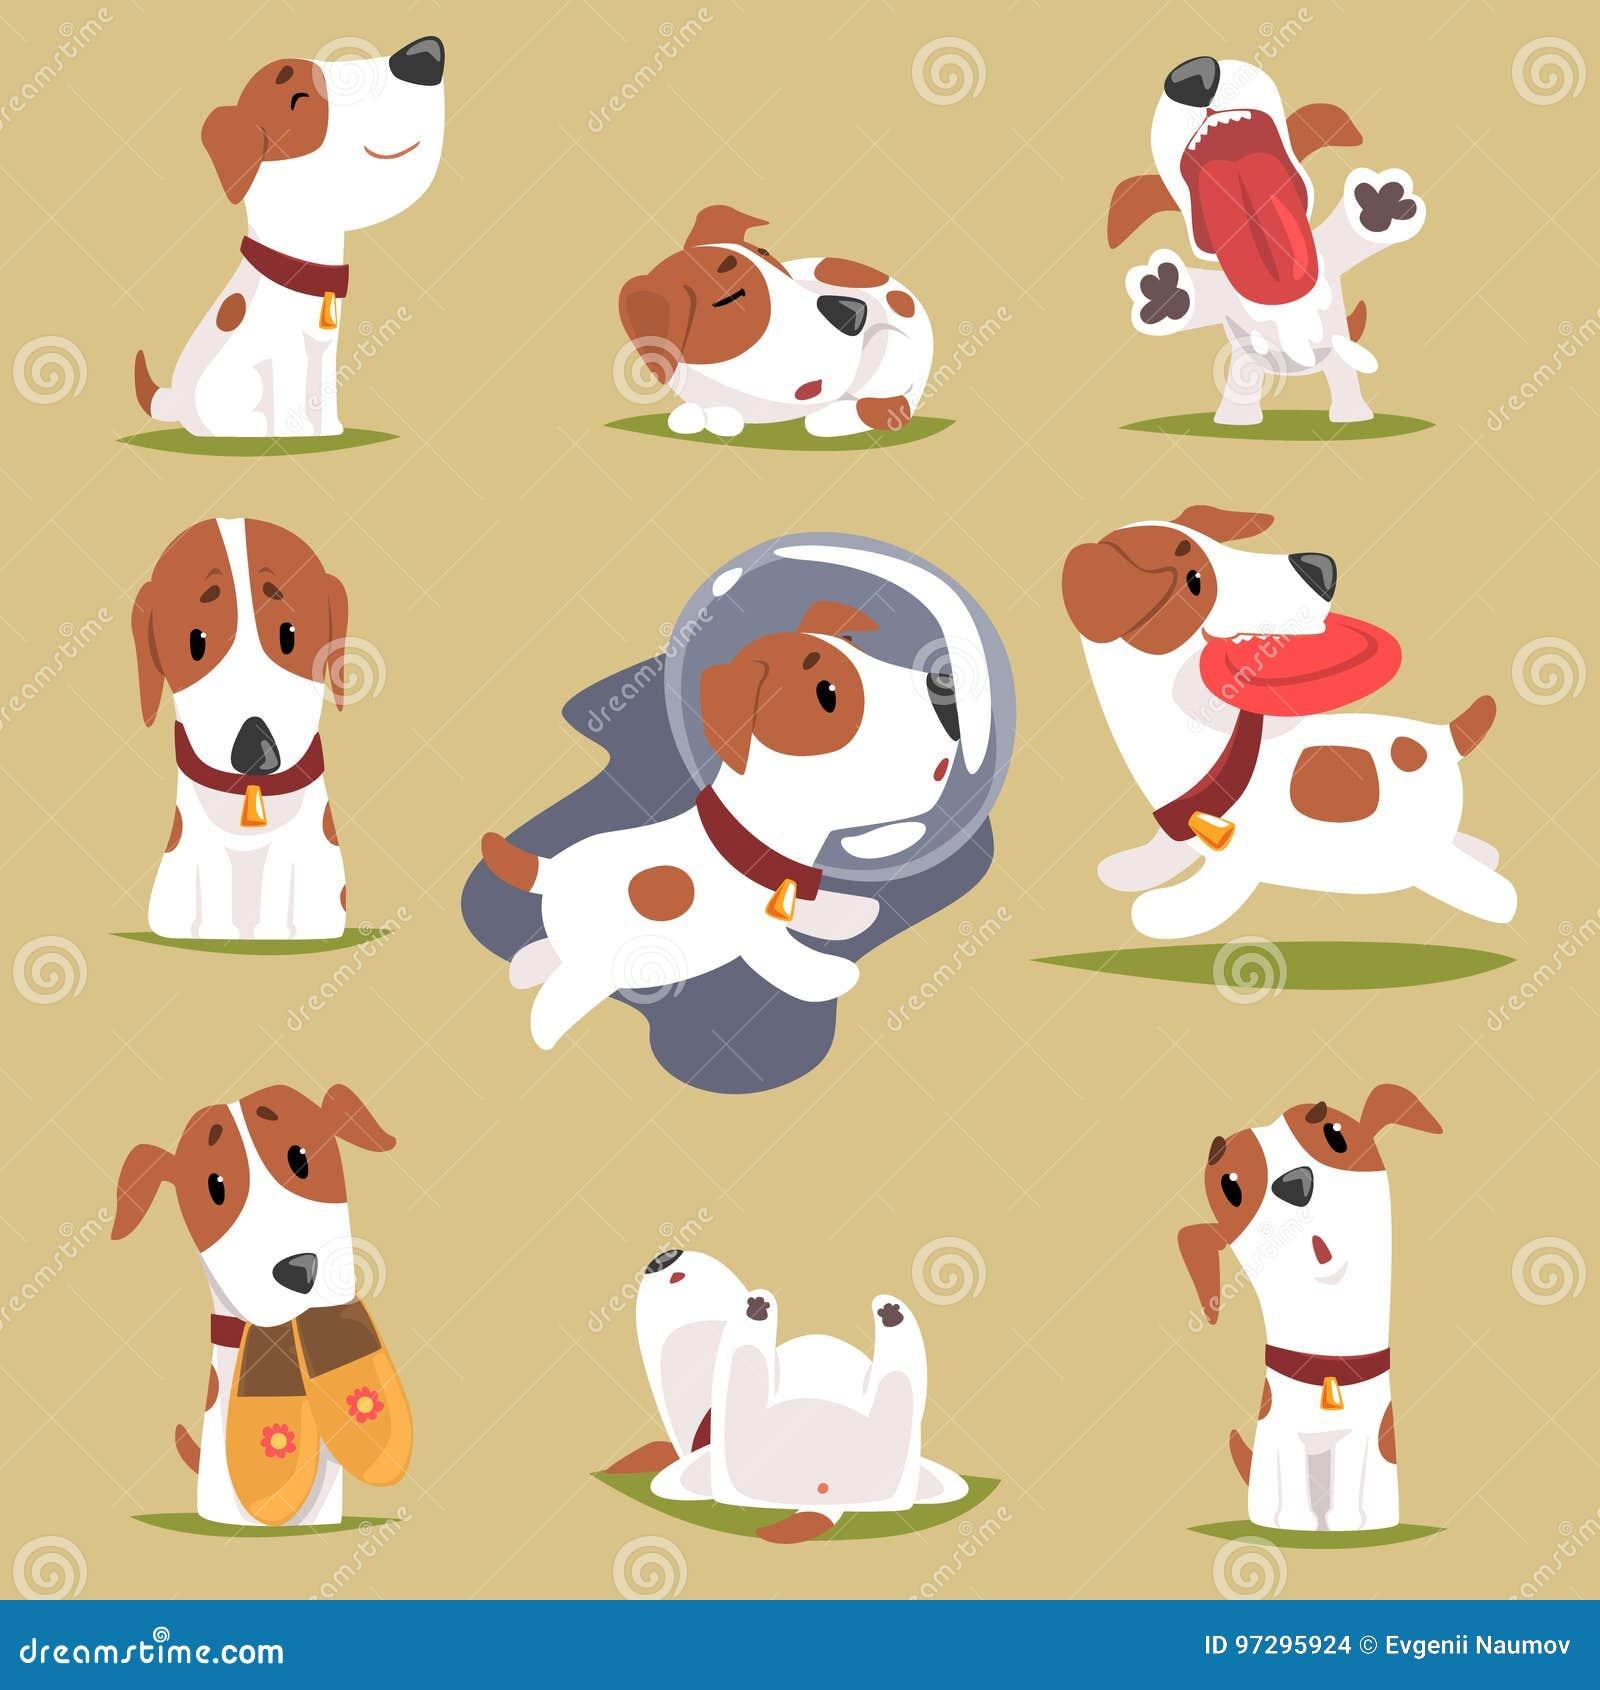 Cachorrinho pequeno bonito em seu grupo evereday da atividade, caráter colorido engraçado rotineiro diário dos cães